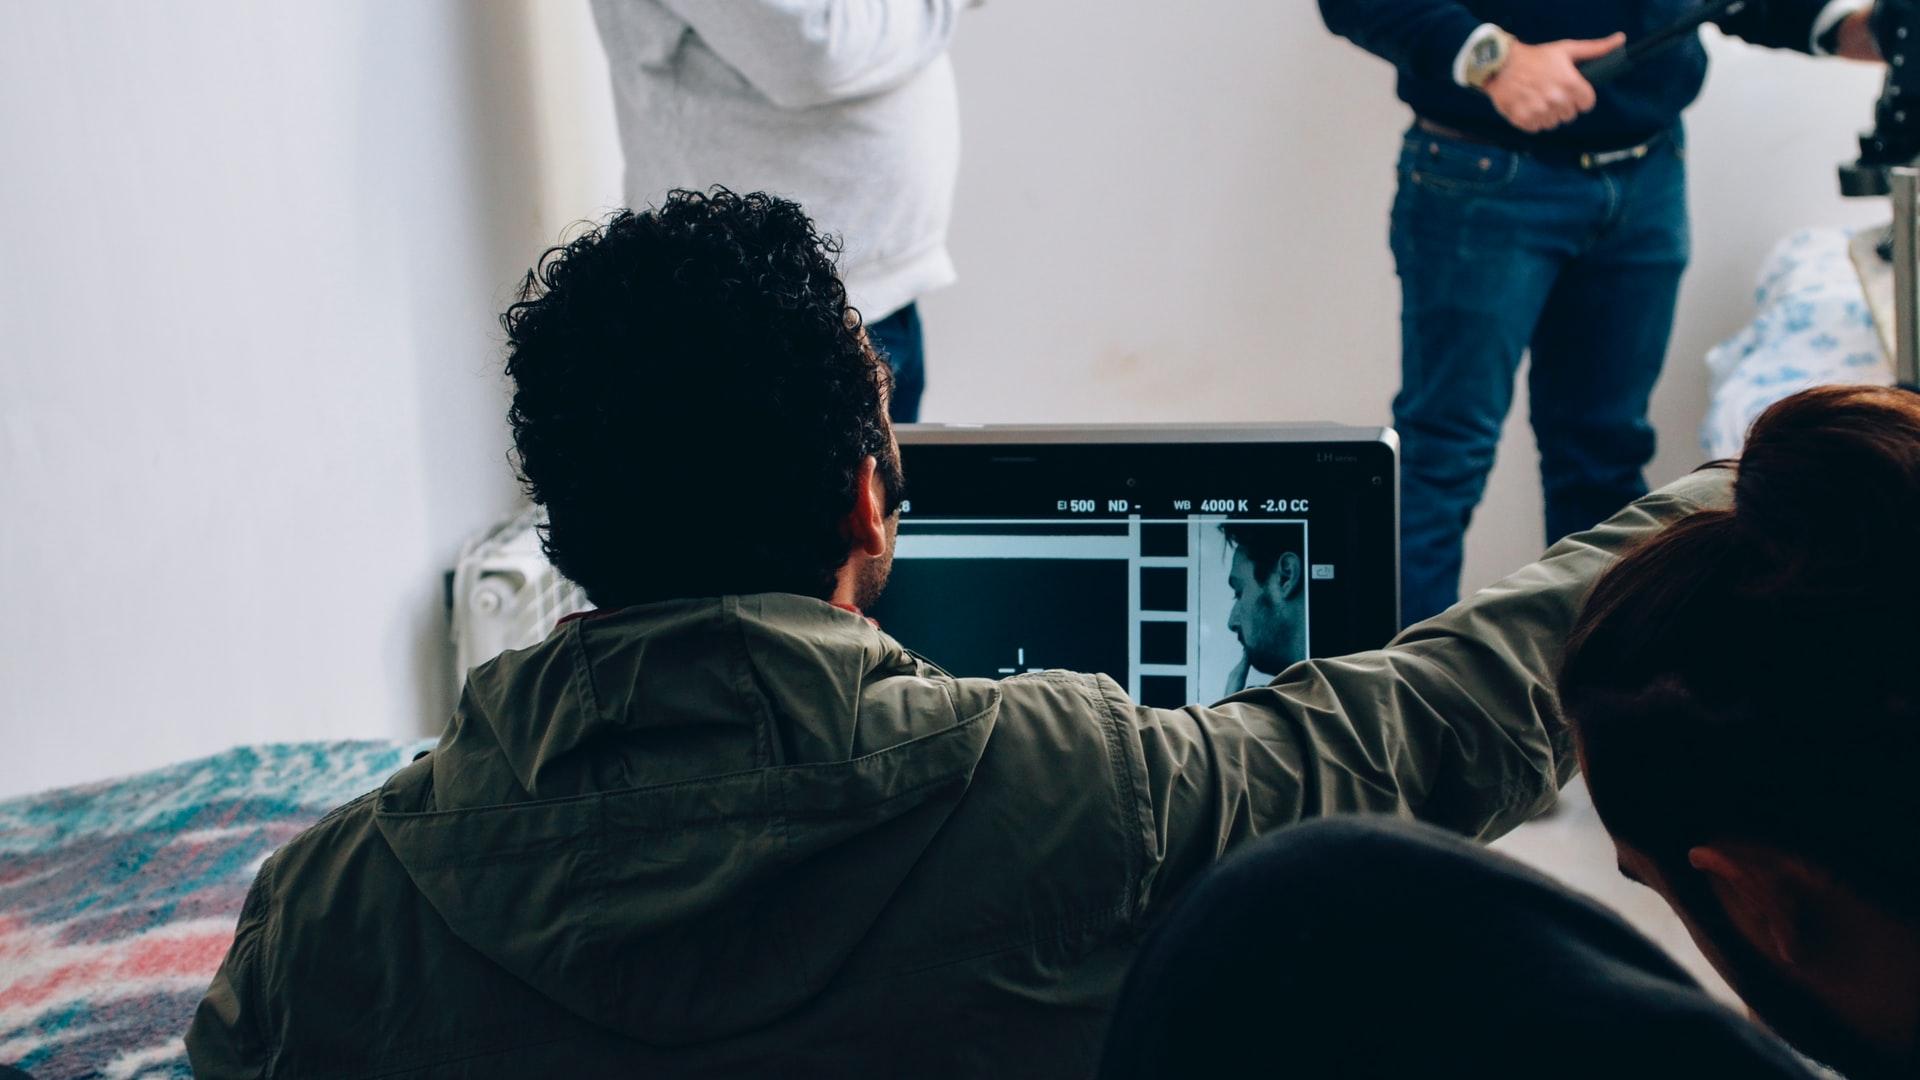 阿里云助力 RedMart 以灵活、可靠和低本高效的方式管理软件应用